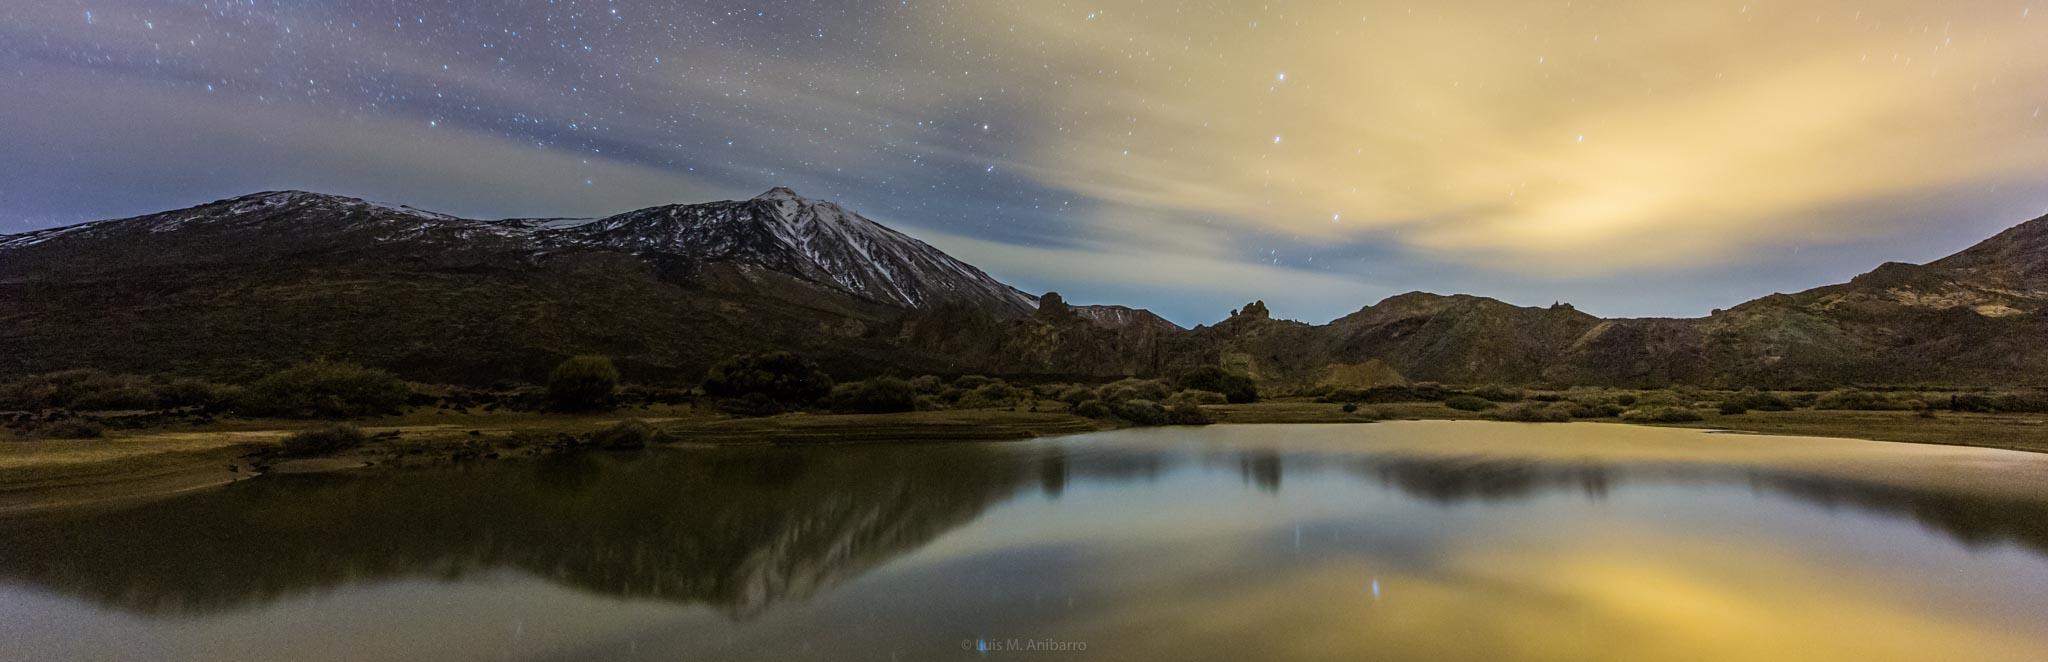 Llano de Ucanca y Teide